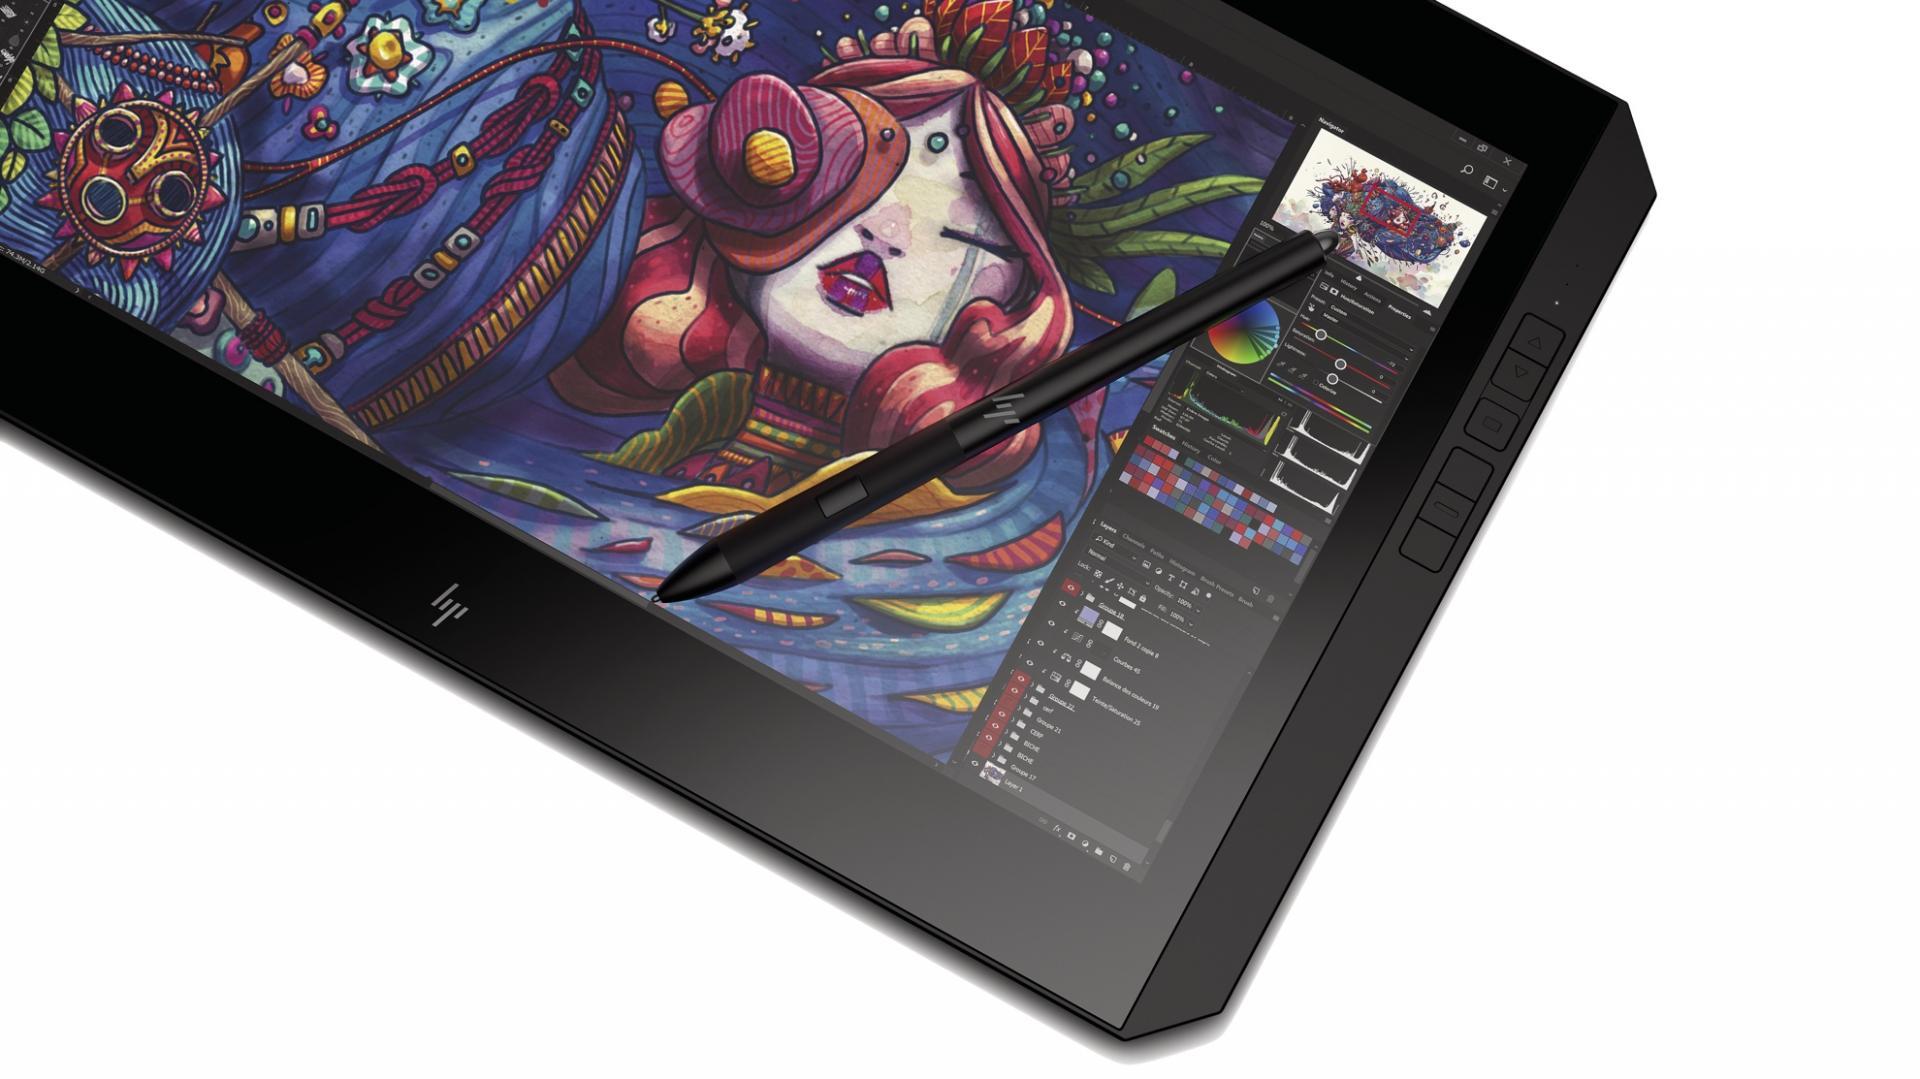 HP ZBook X2 : caratteristiche della workstation che diventa tablet